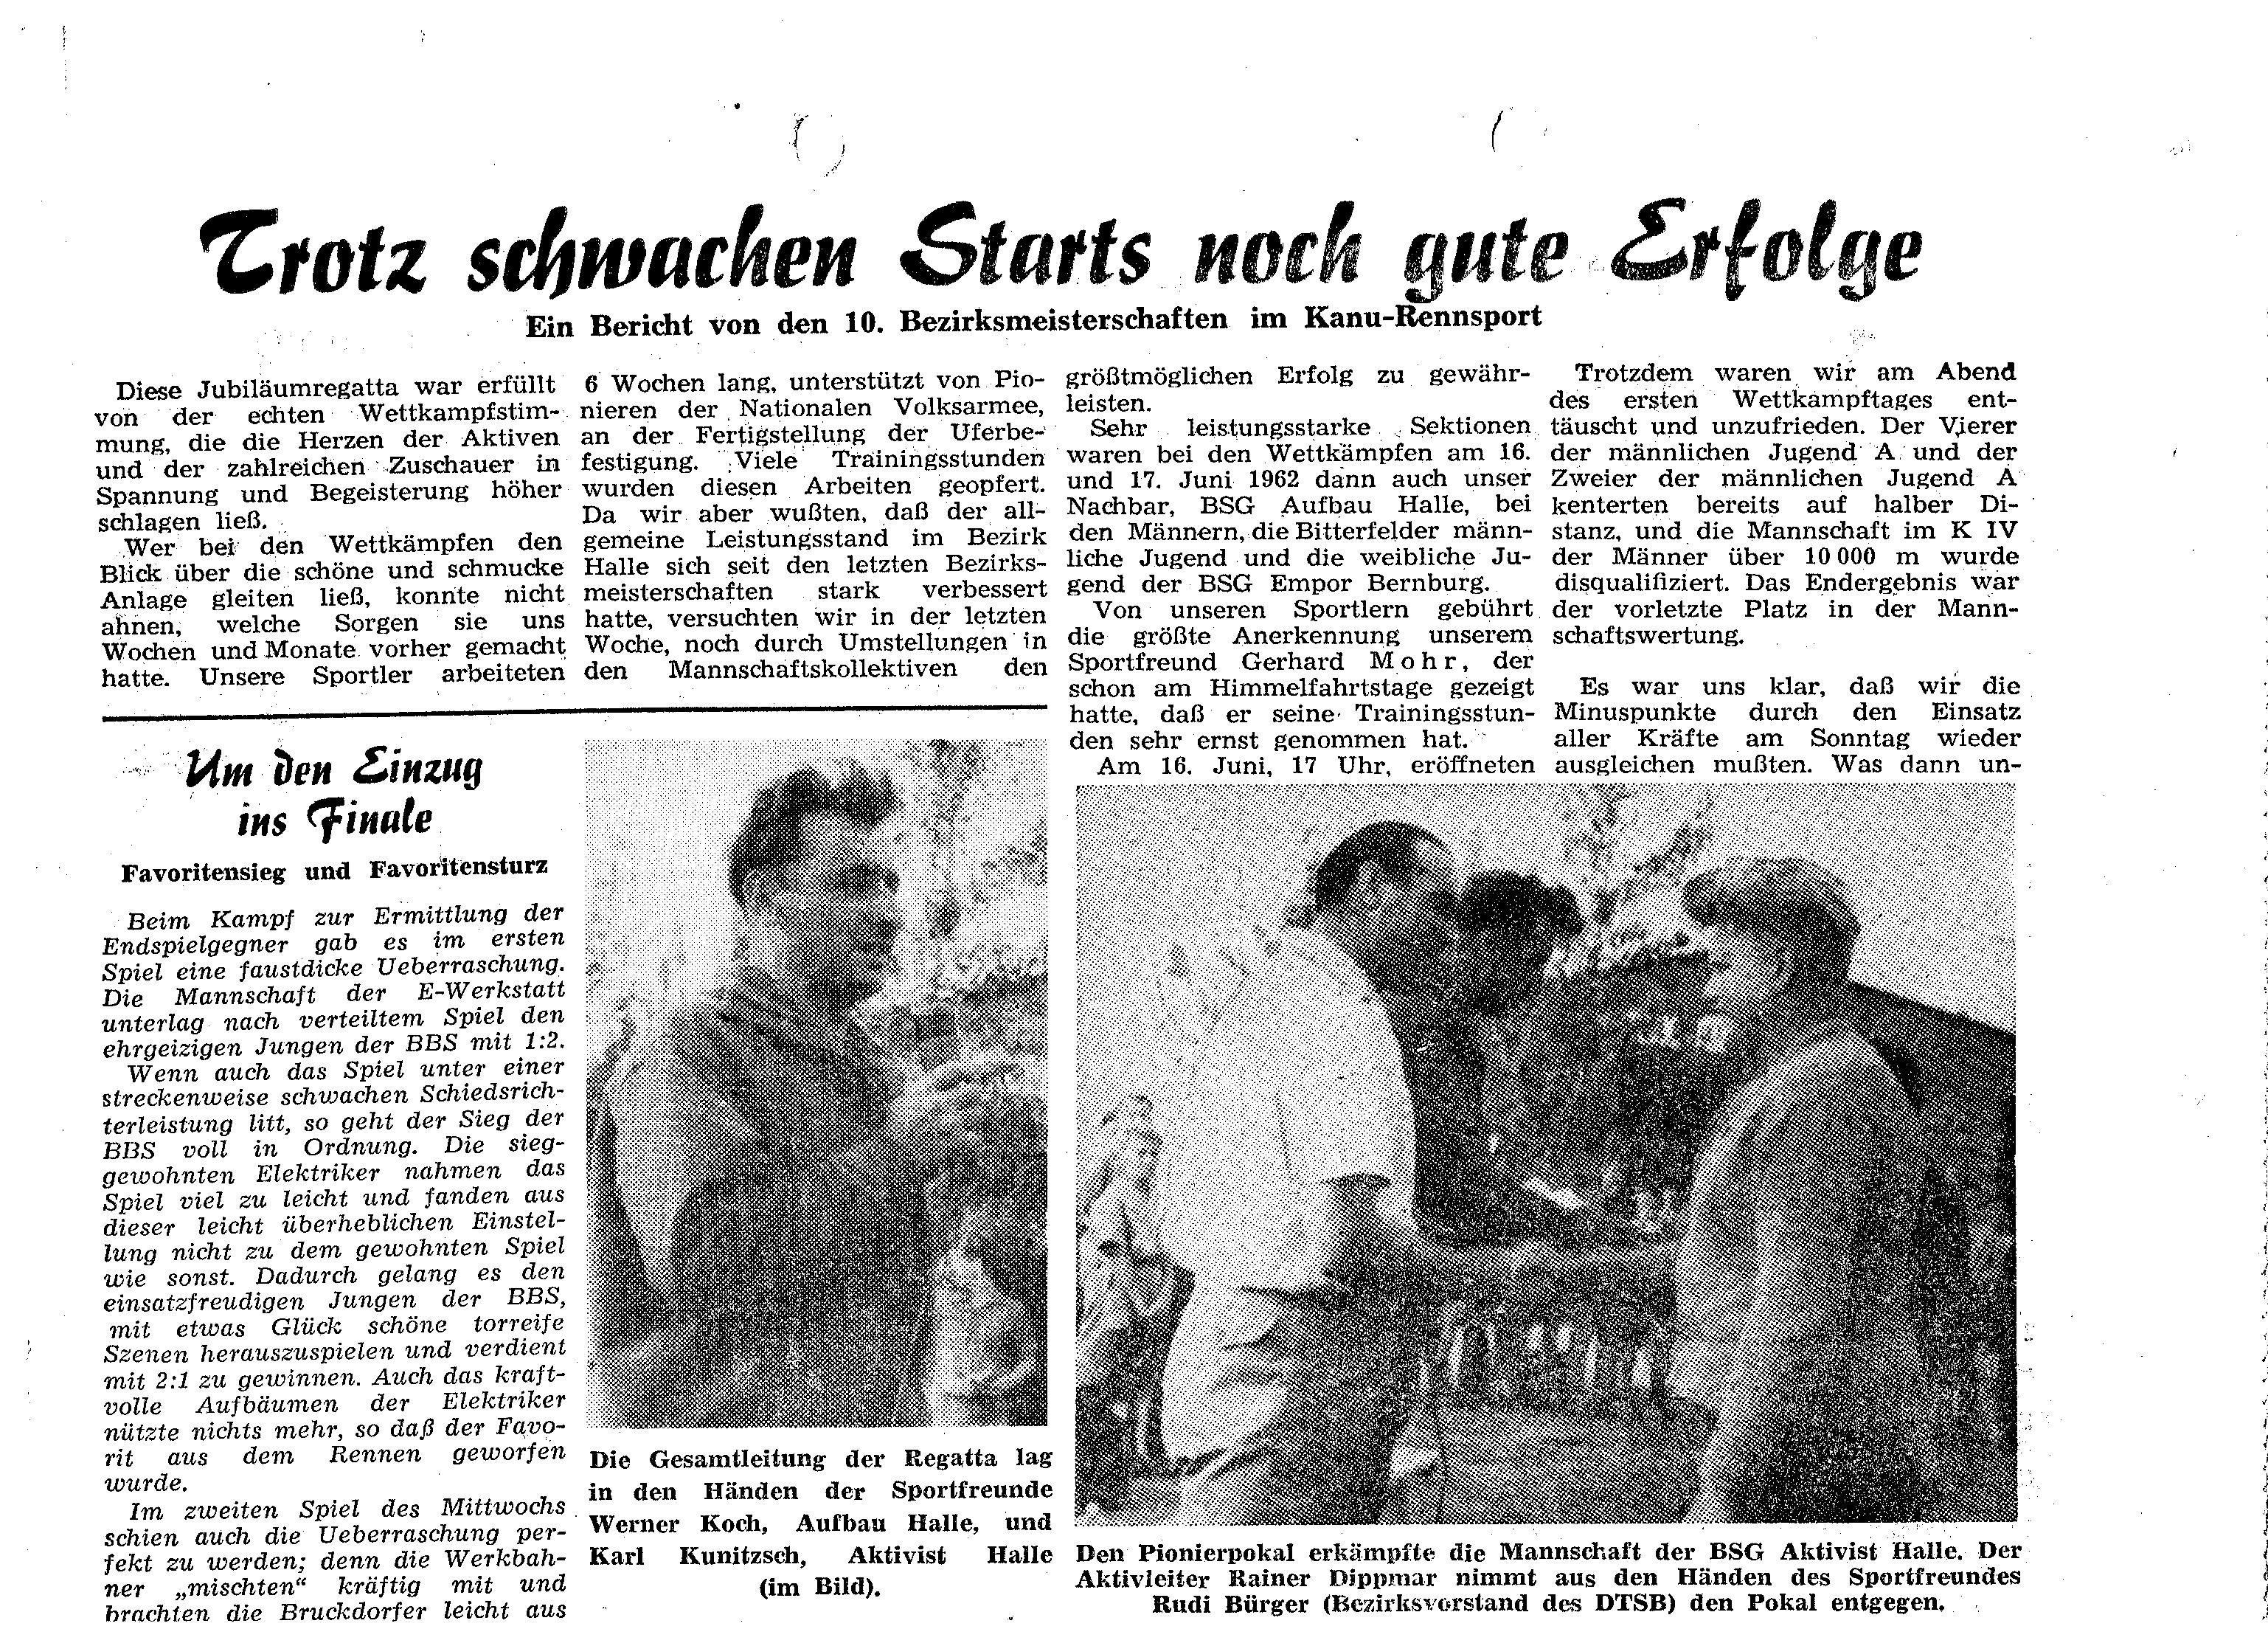 1963 Trotz schwachen Starts noch gute Erfolge